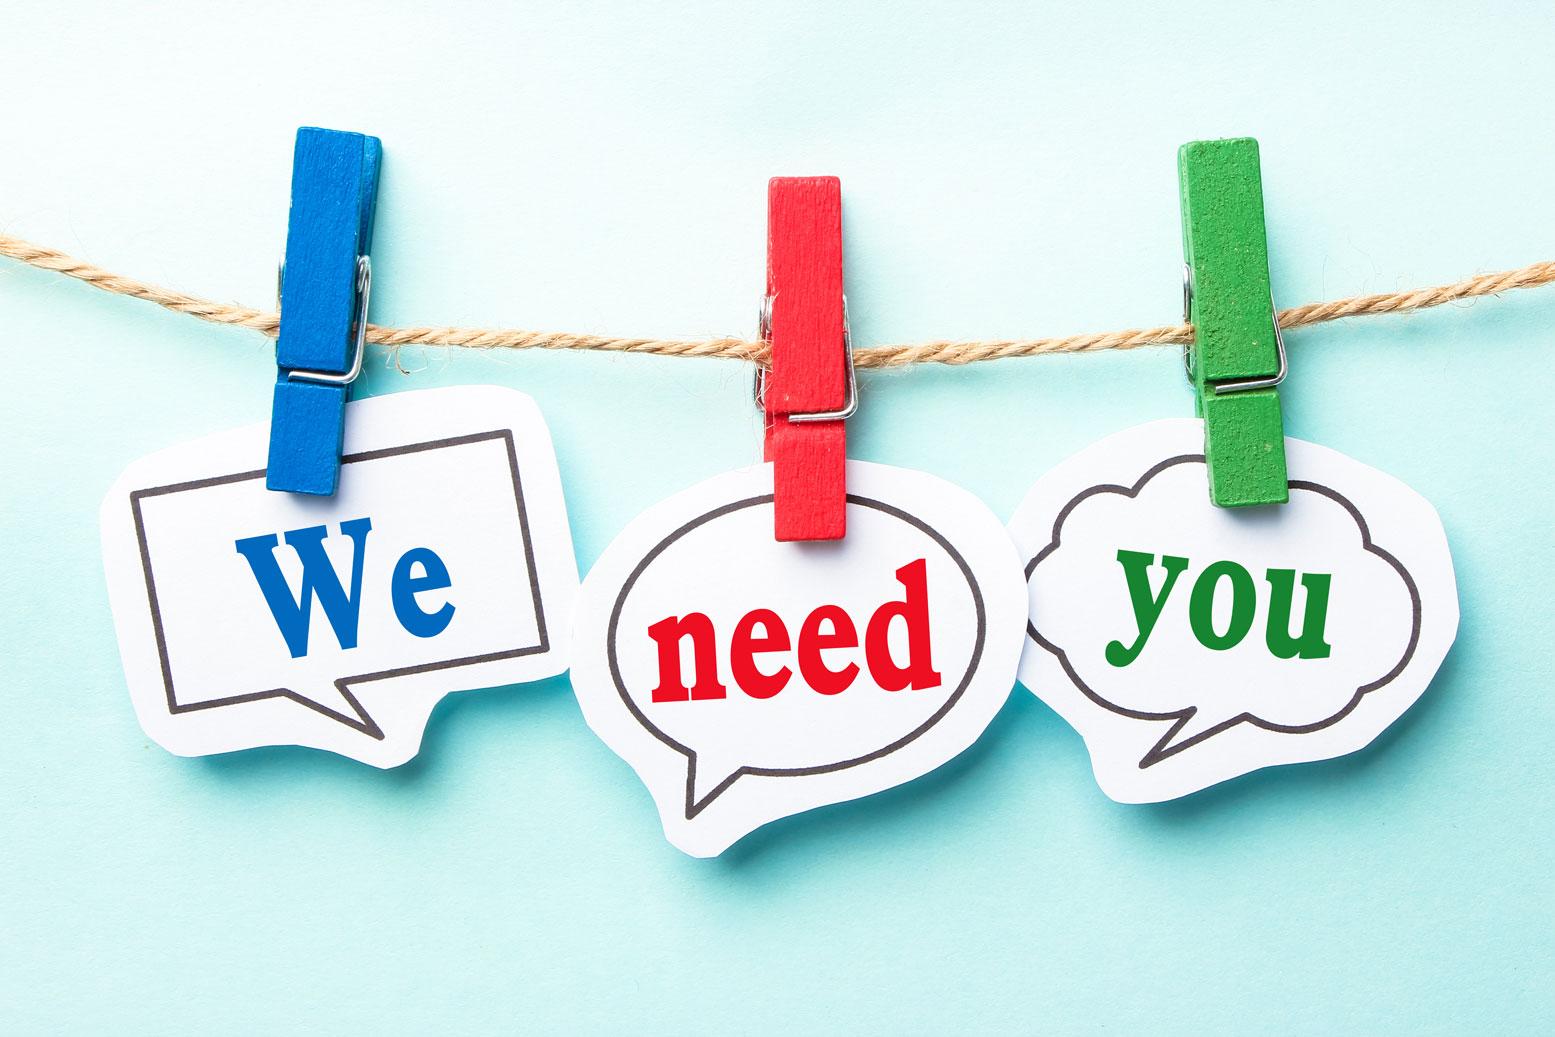 We need Yyou